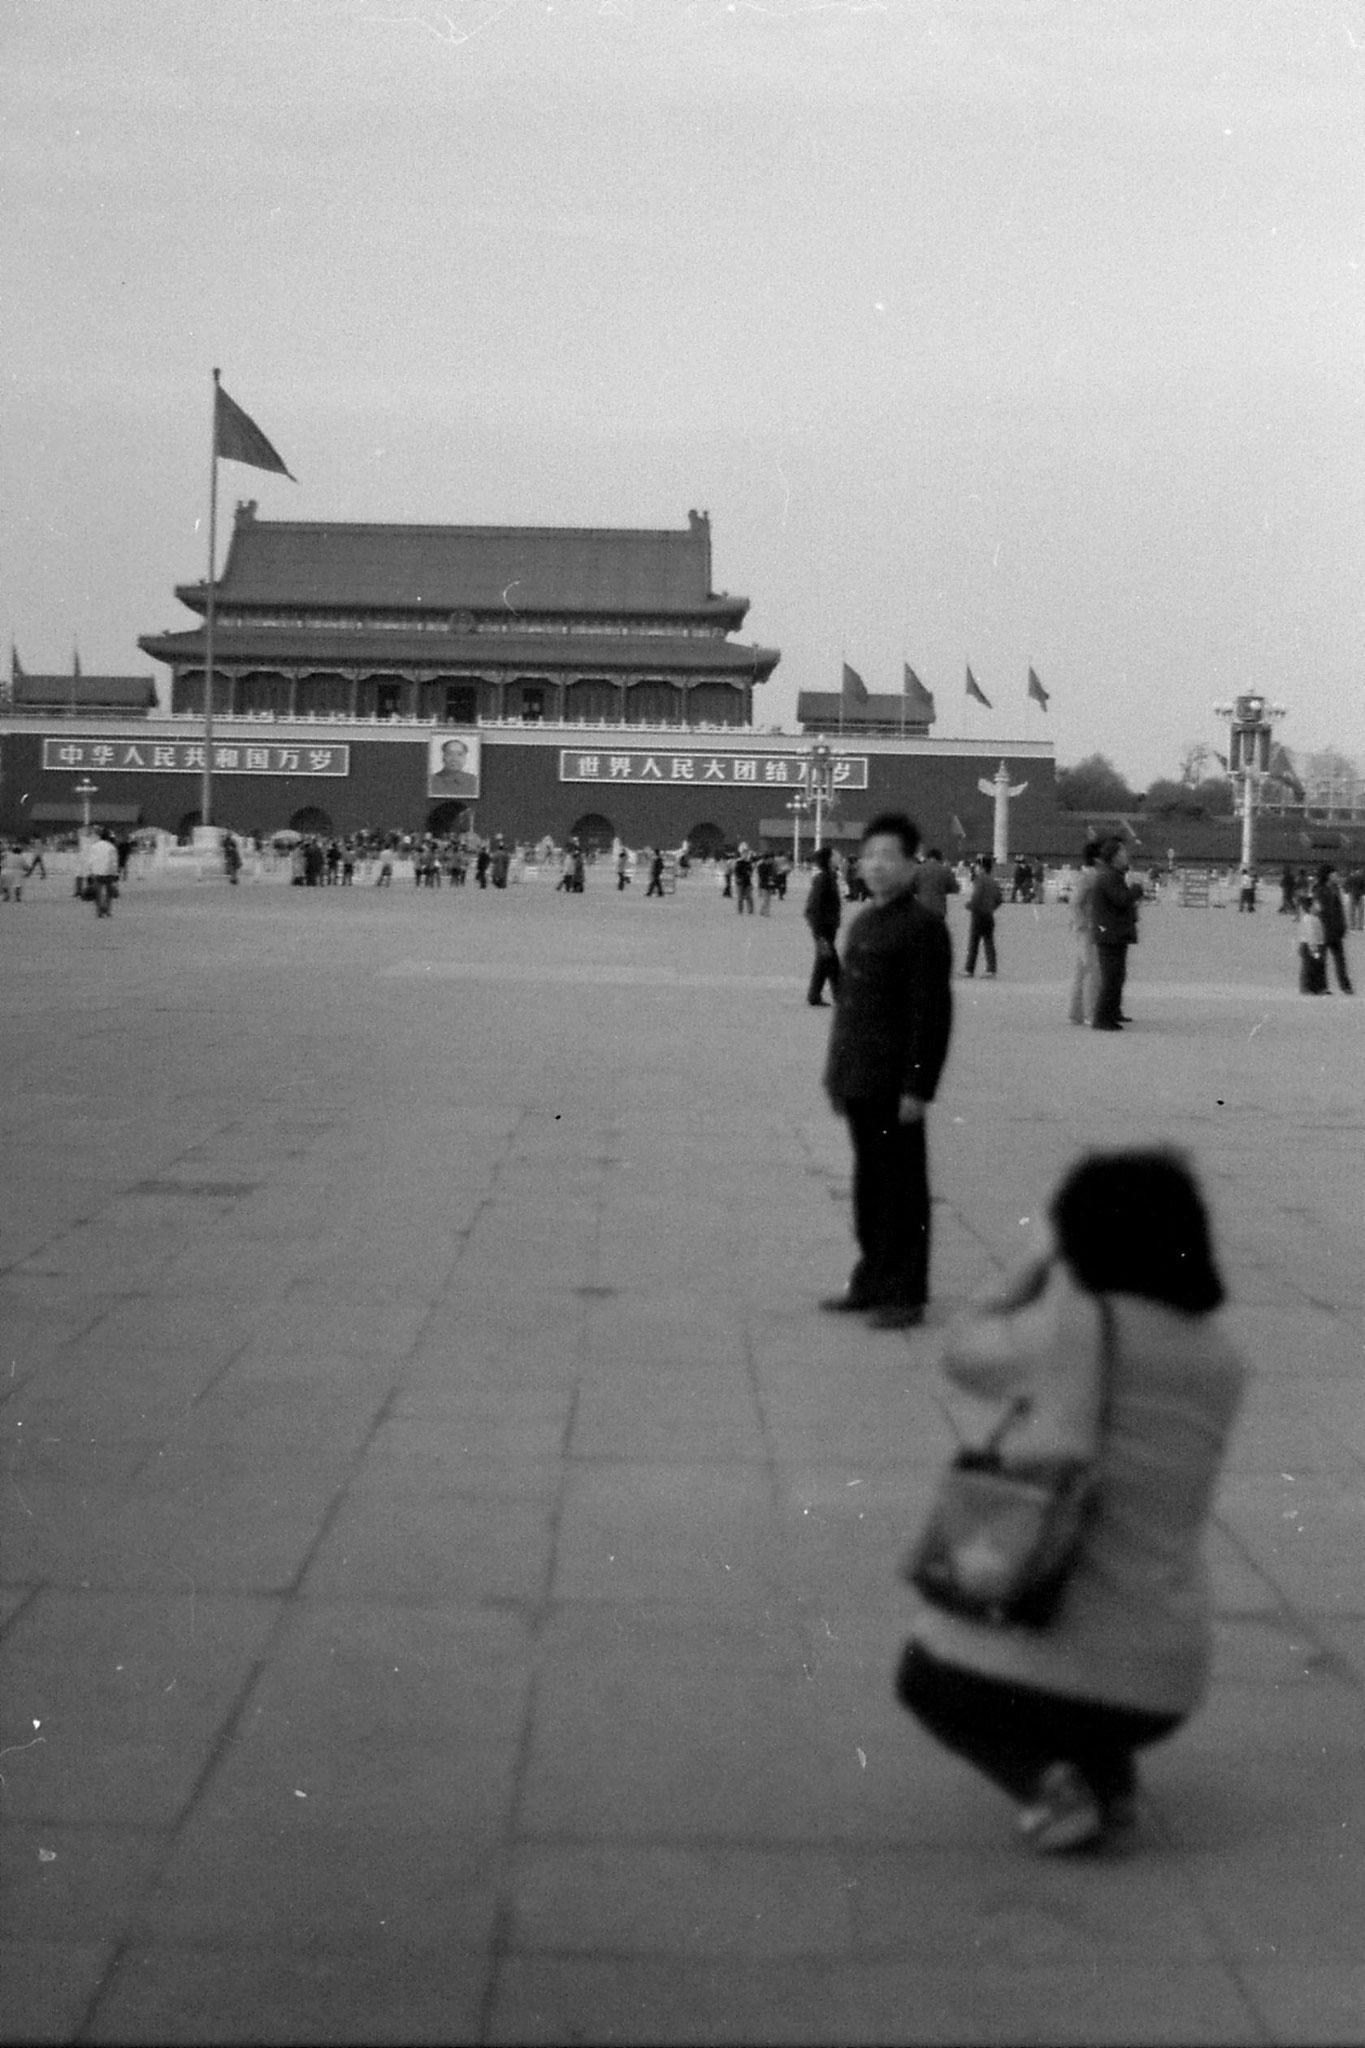 14/11/1988: 21:  Tiananmen Square